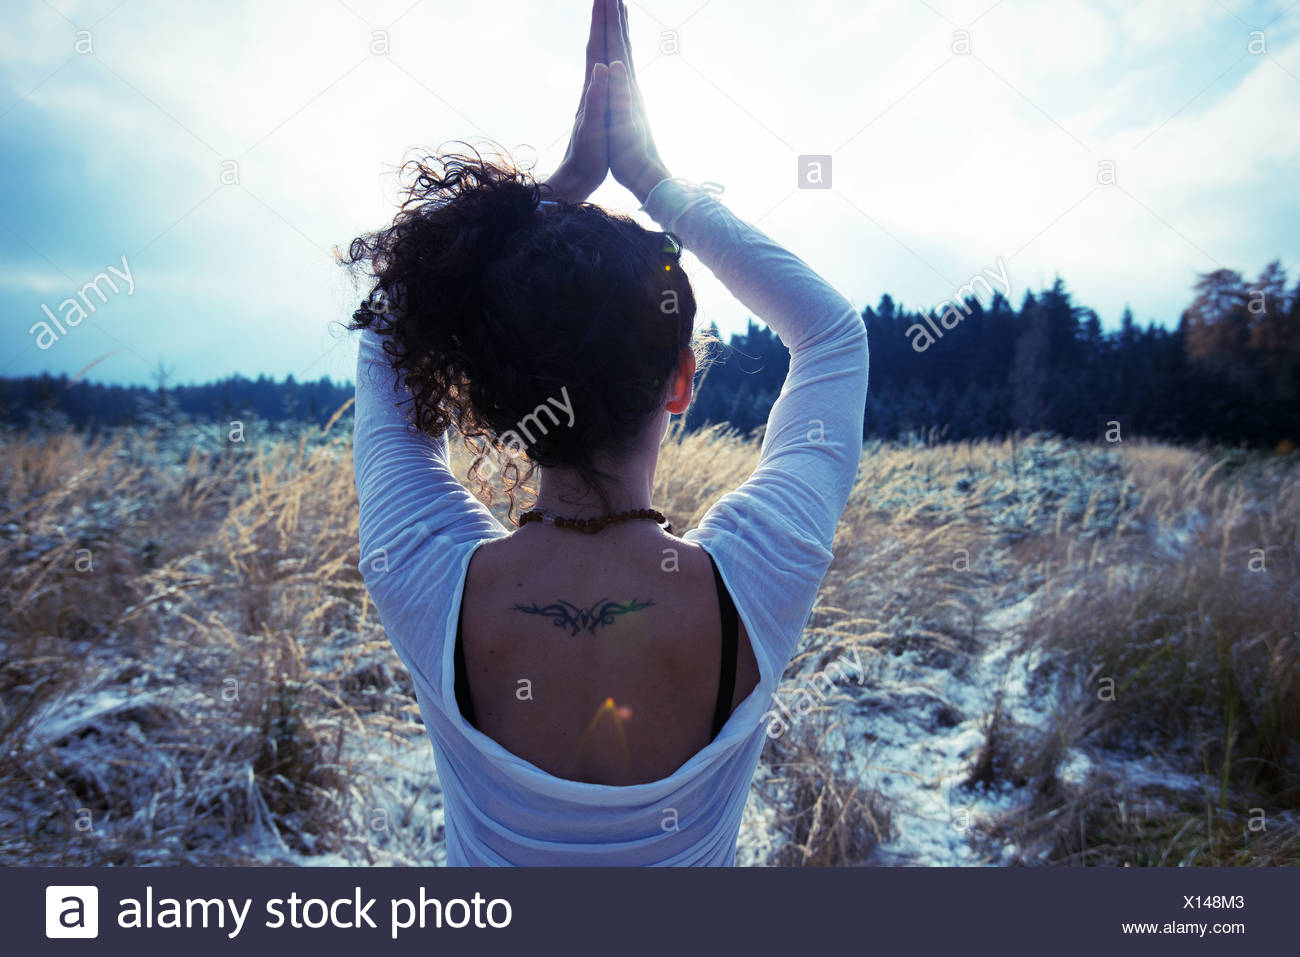 Mitte Erwachsene Frau stehenden Baum Yoga zu praktizieren darstellen Stockbild